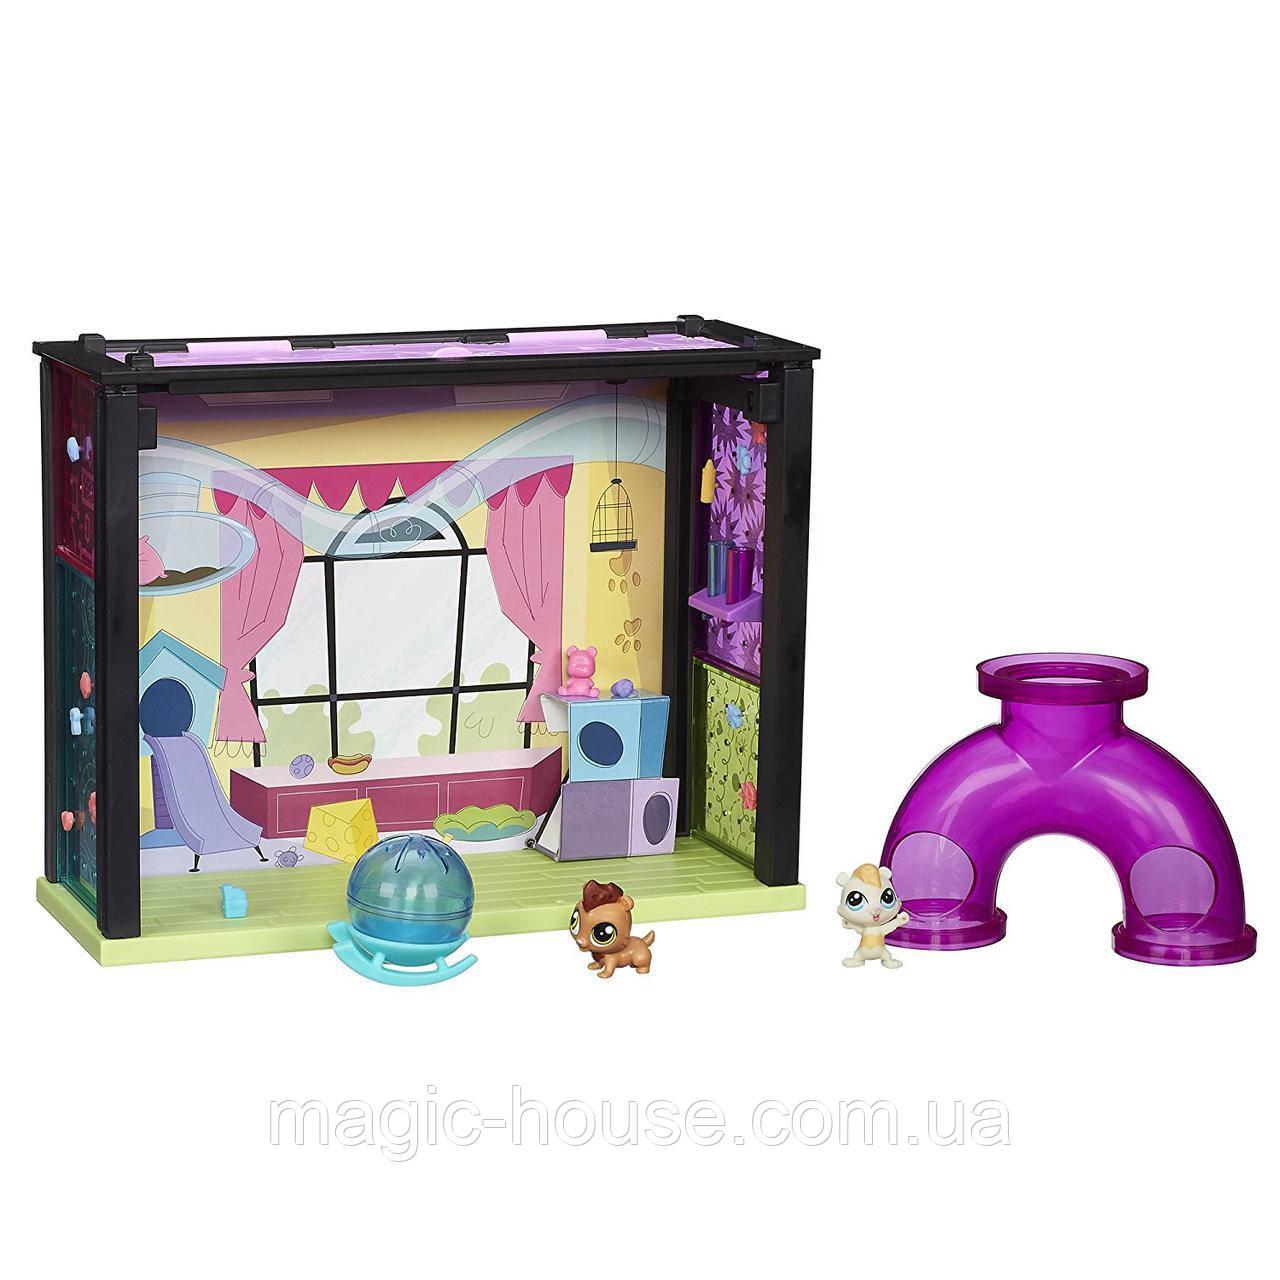 Littlest Pet Shop Игровой набор Стеклянная комната Mаленький ЗоомагазинЛитл Пет Шоп Pet-acular Fun Room Style